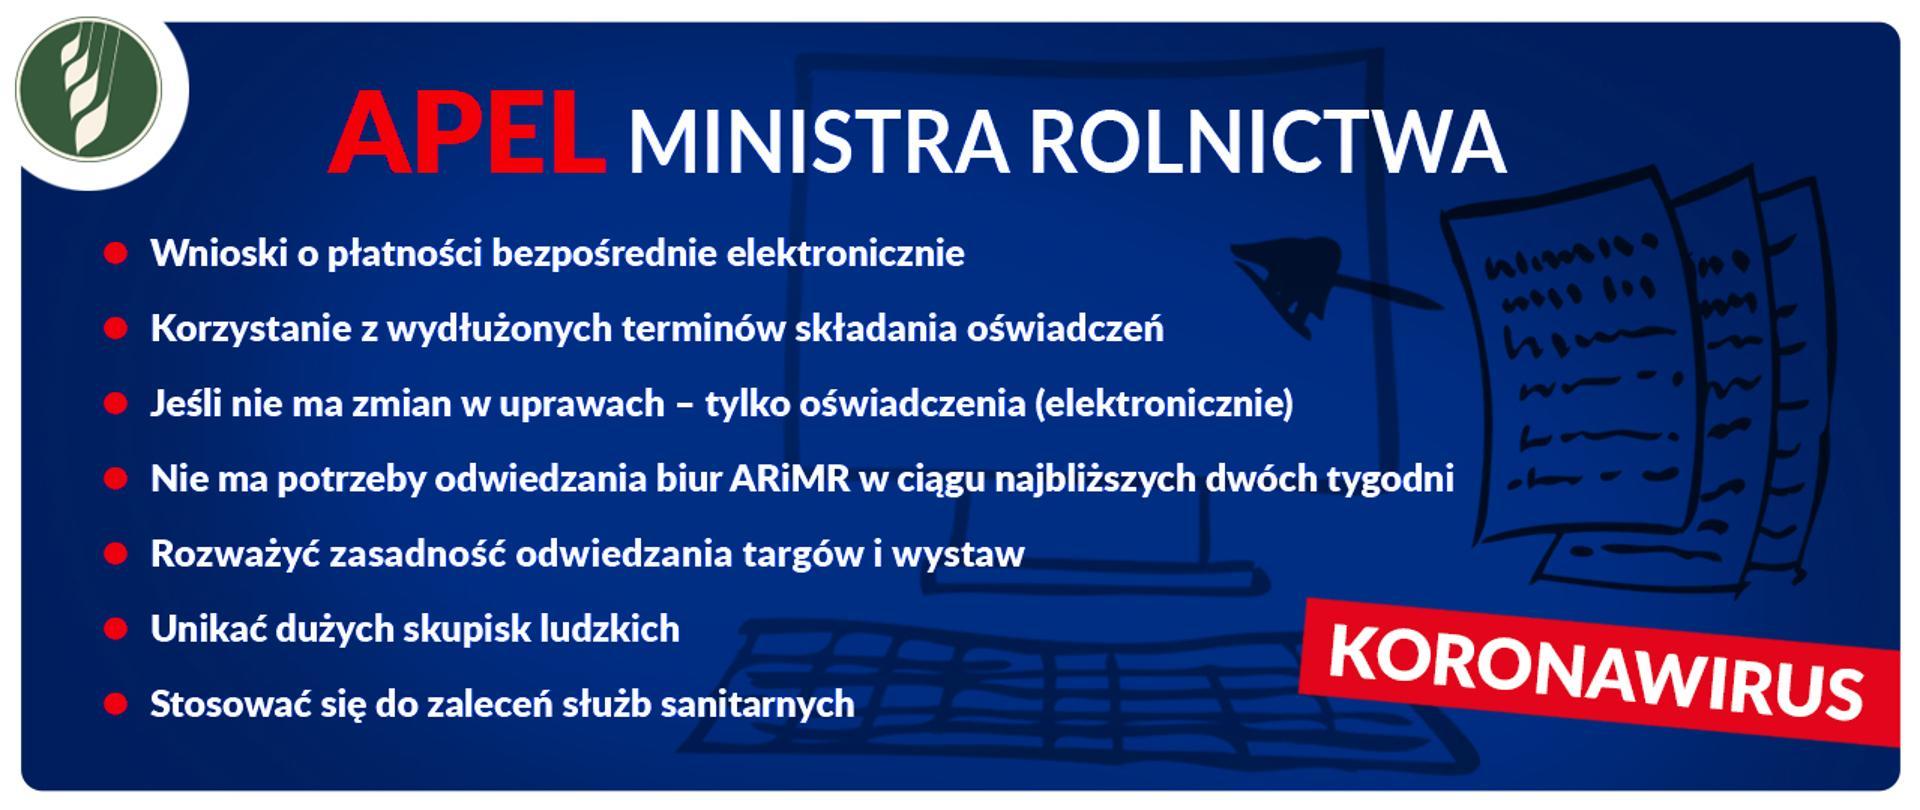 Apel ministra Jana Krzysztofa Ardanowskiego